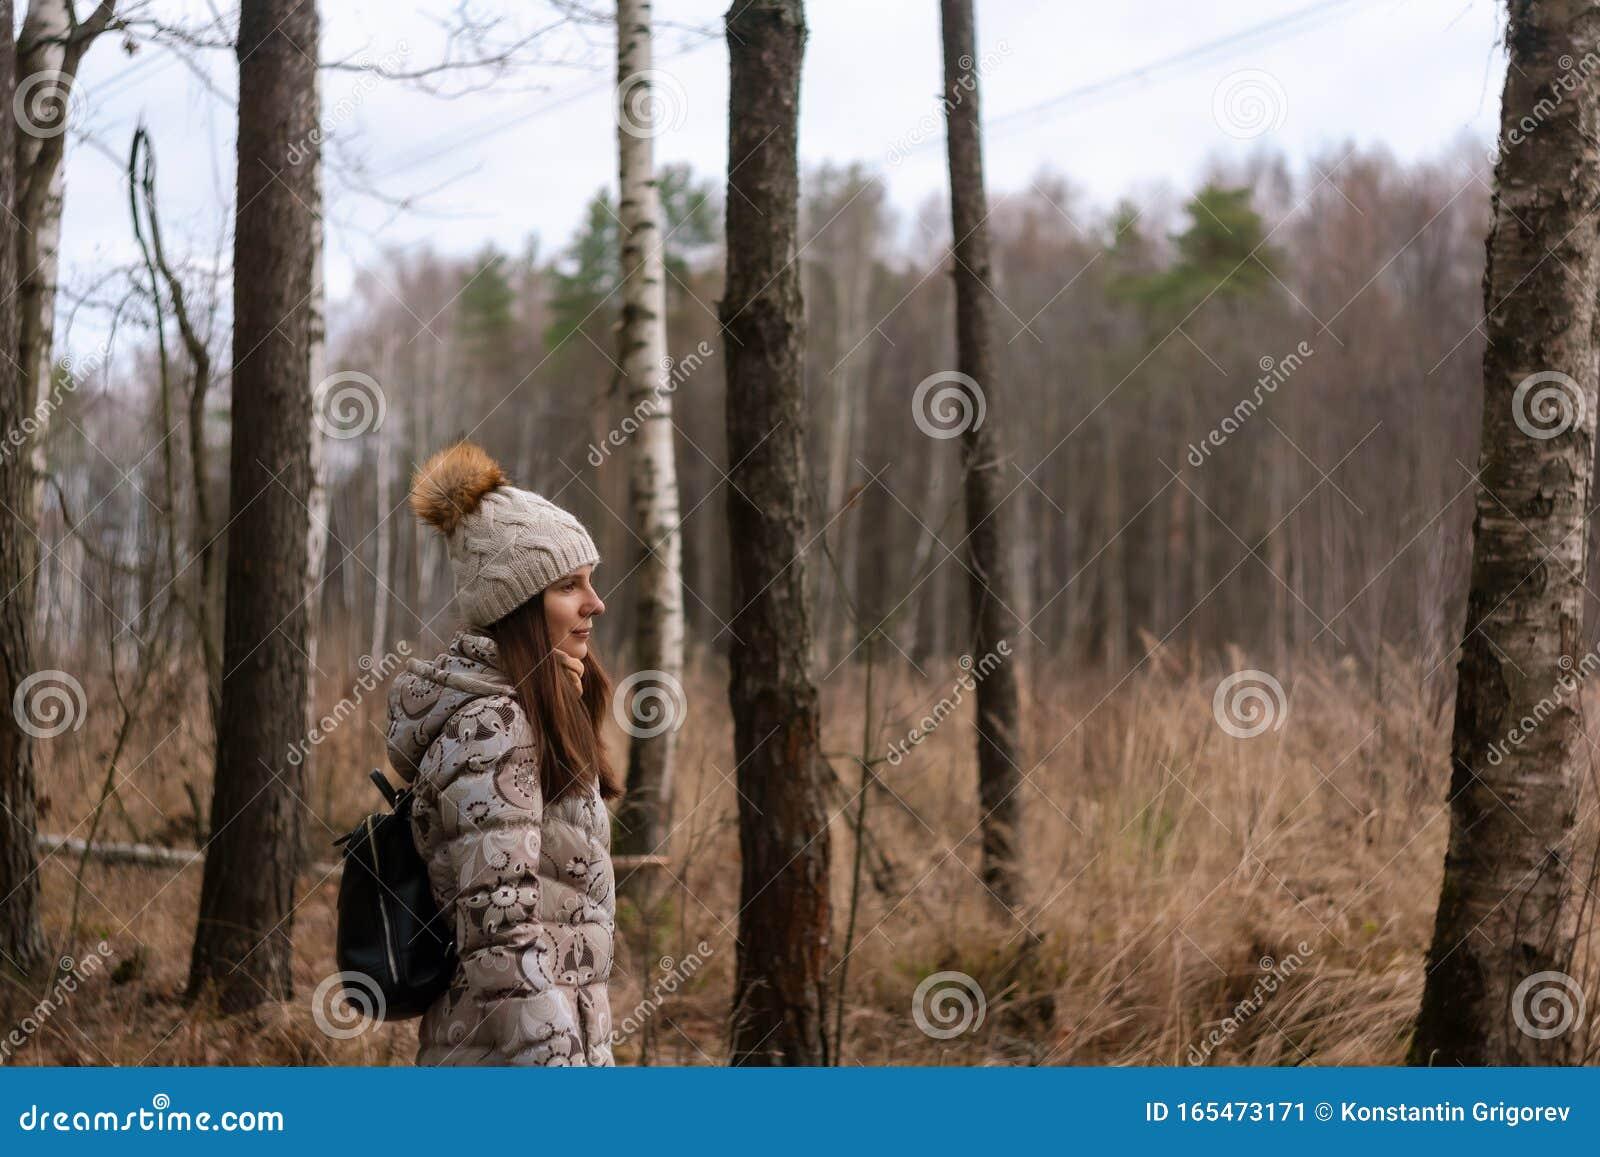 Знойная девушка среди деревьев